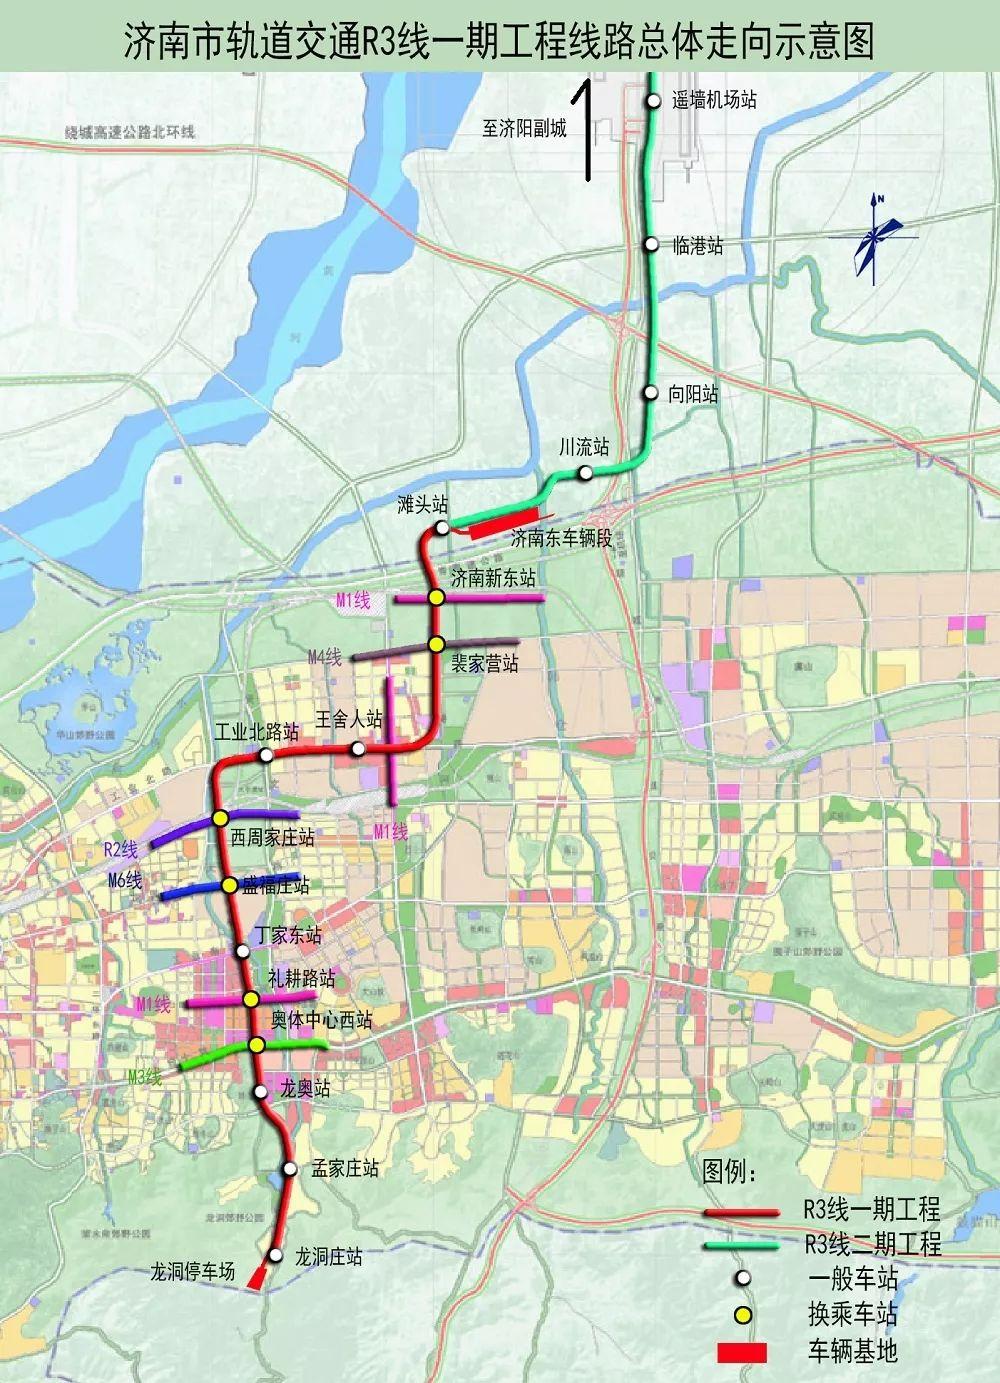 济南地铁3号线预计2019年国庆节通车 比原计划提前15个月